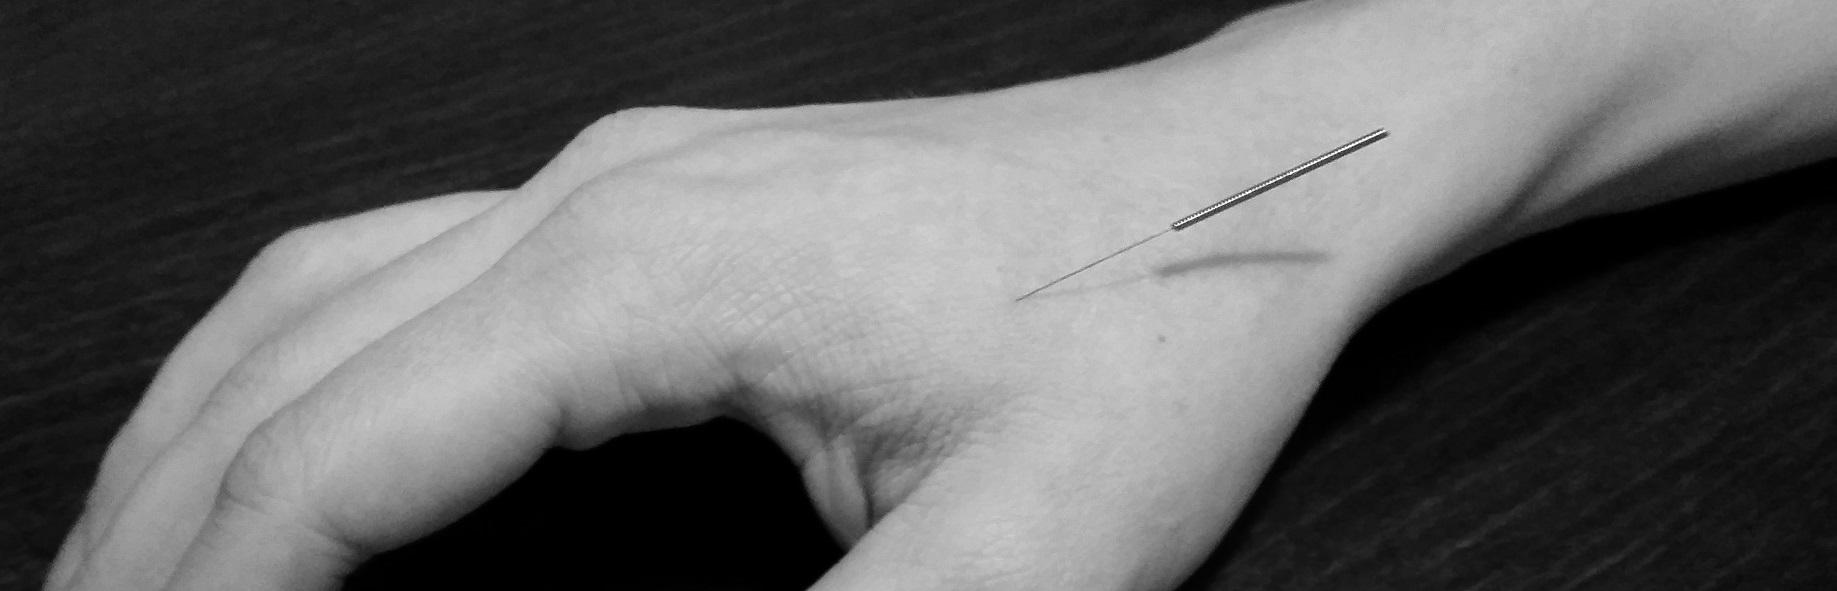 Akupunktur på nørrebro